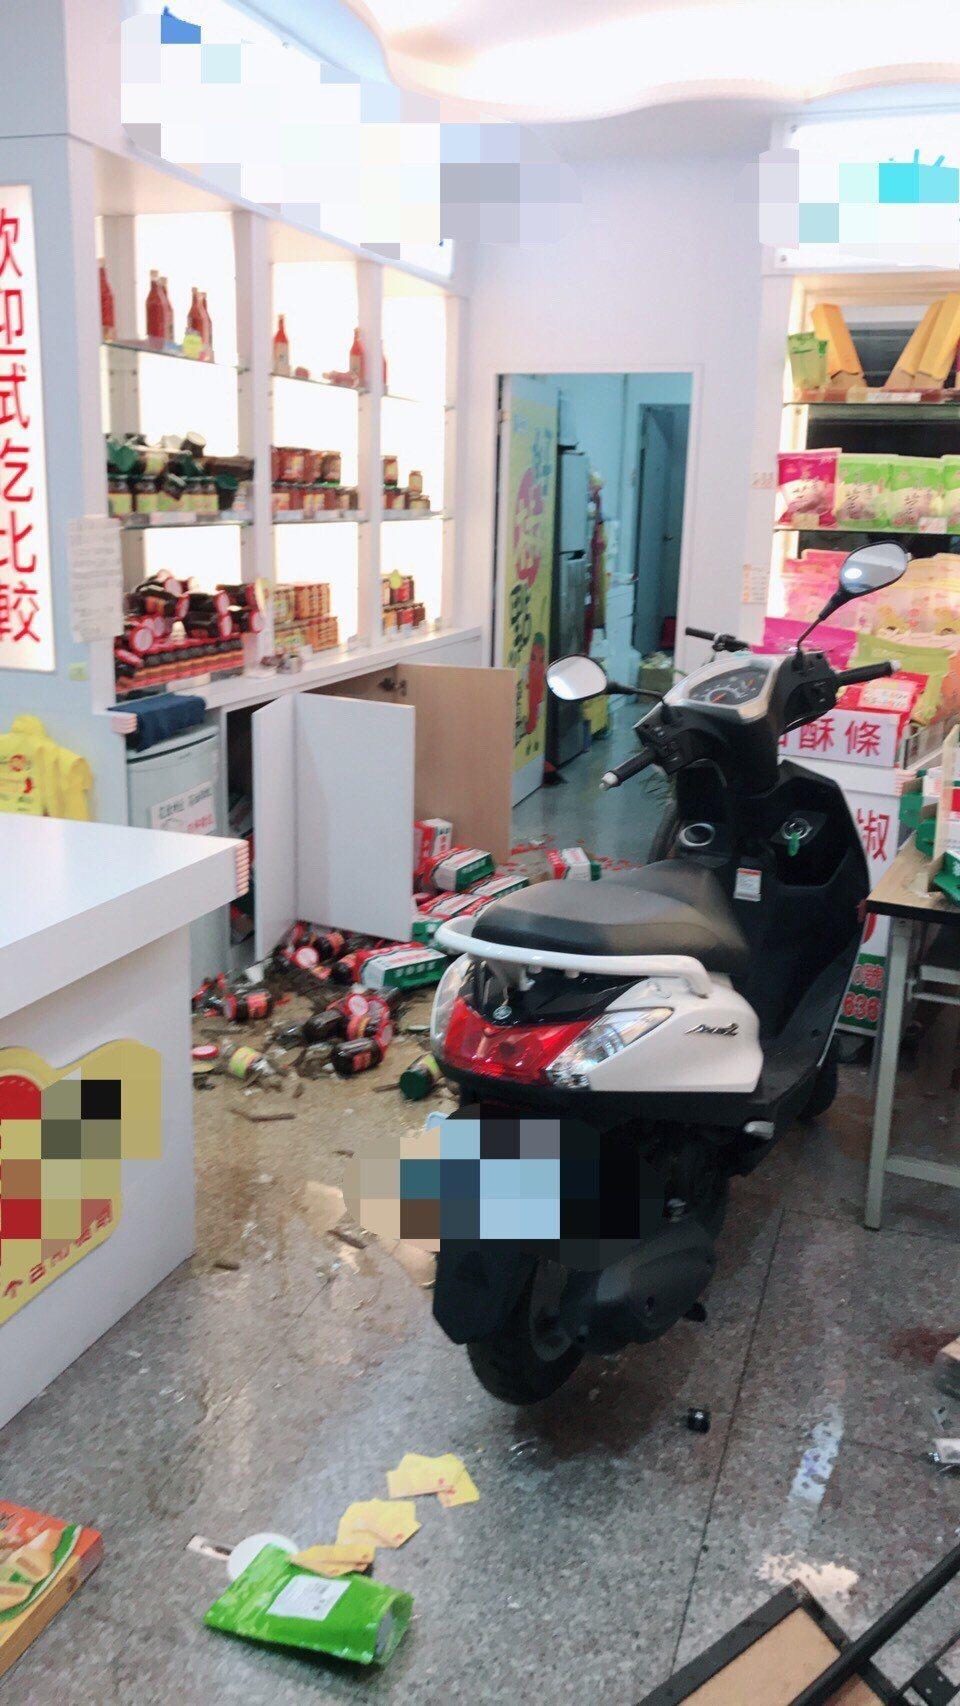 花蓮深夜有感地震,震度七級,花蓮市中華路商店,雜貨倒成一地。圖/讀者提供